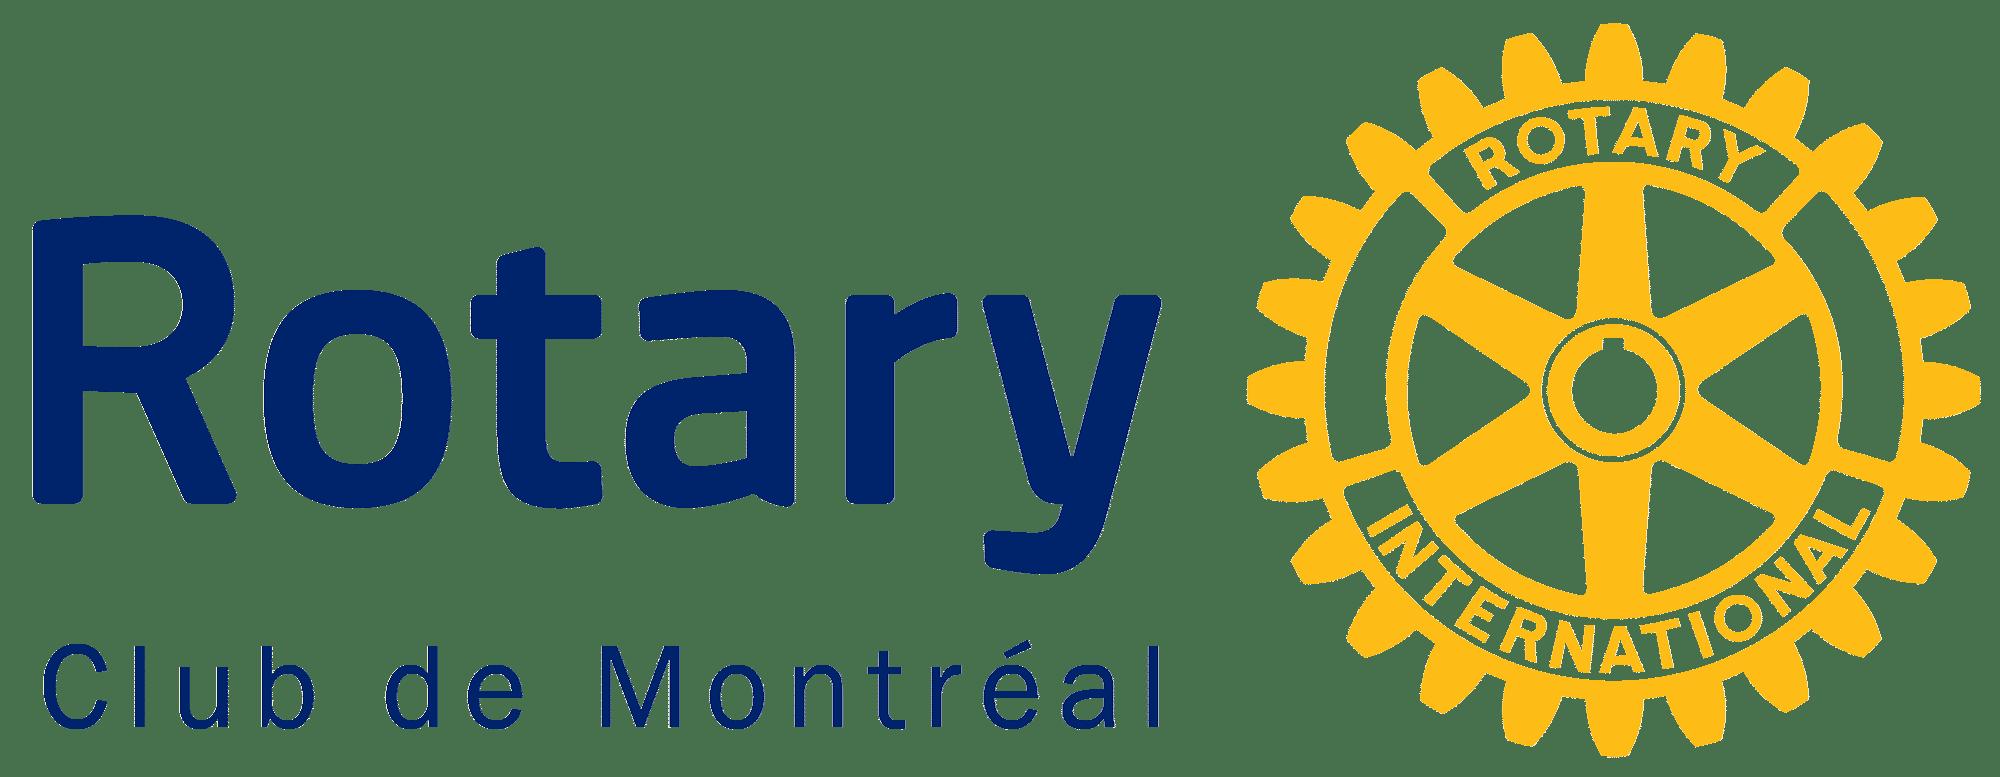 Rotary Club de Montréal